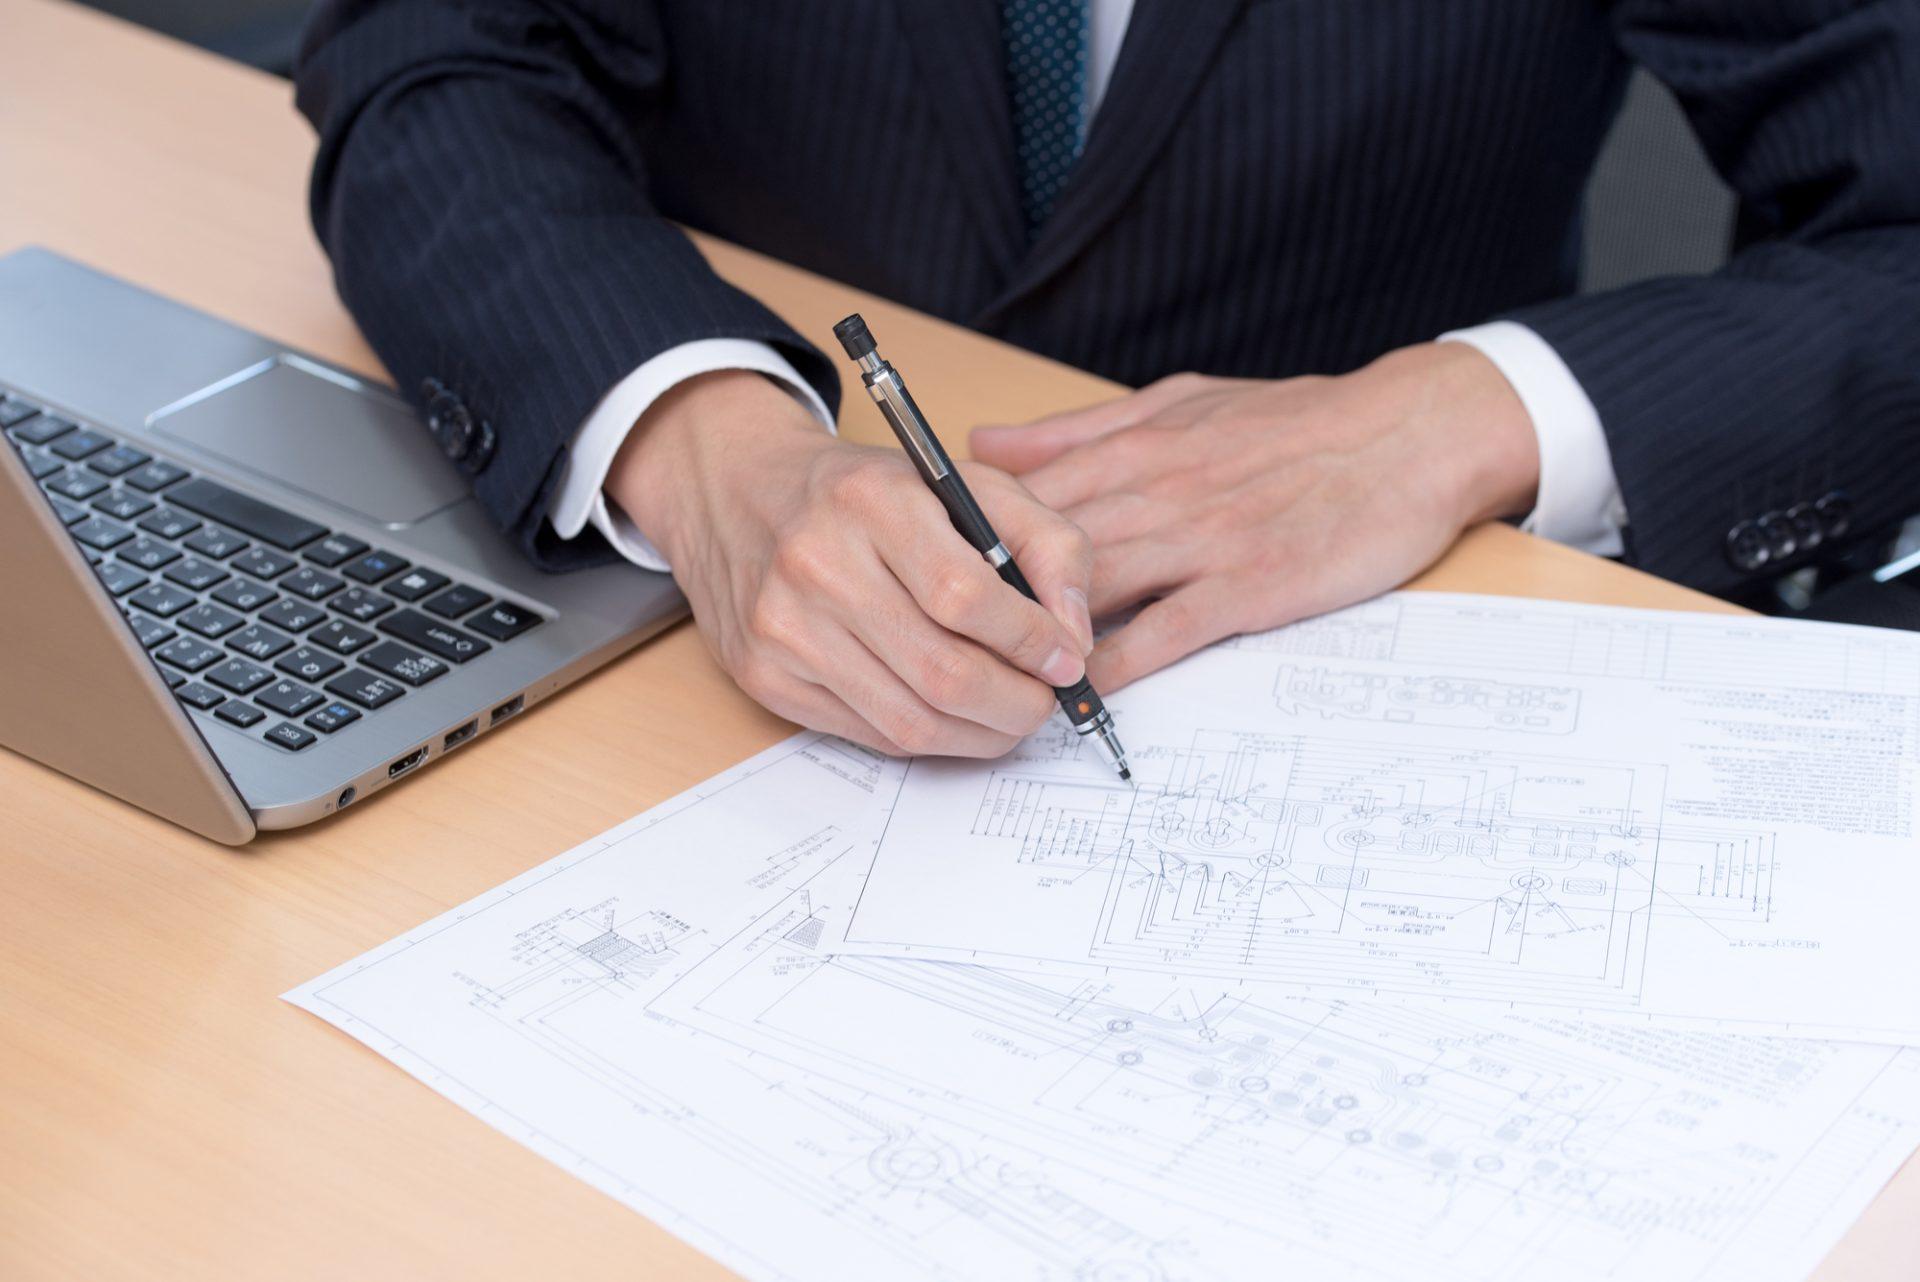 もっと簡単に!CADソフトの導入で楽しく図面を作成することが可能